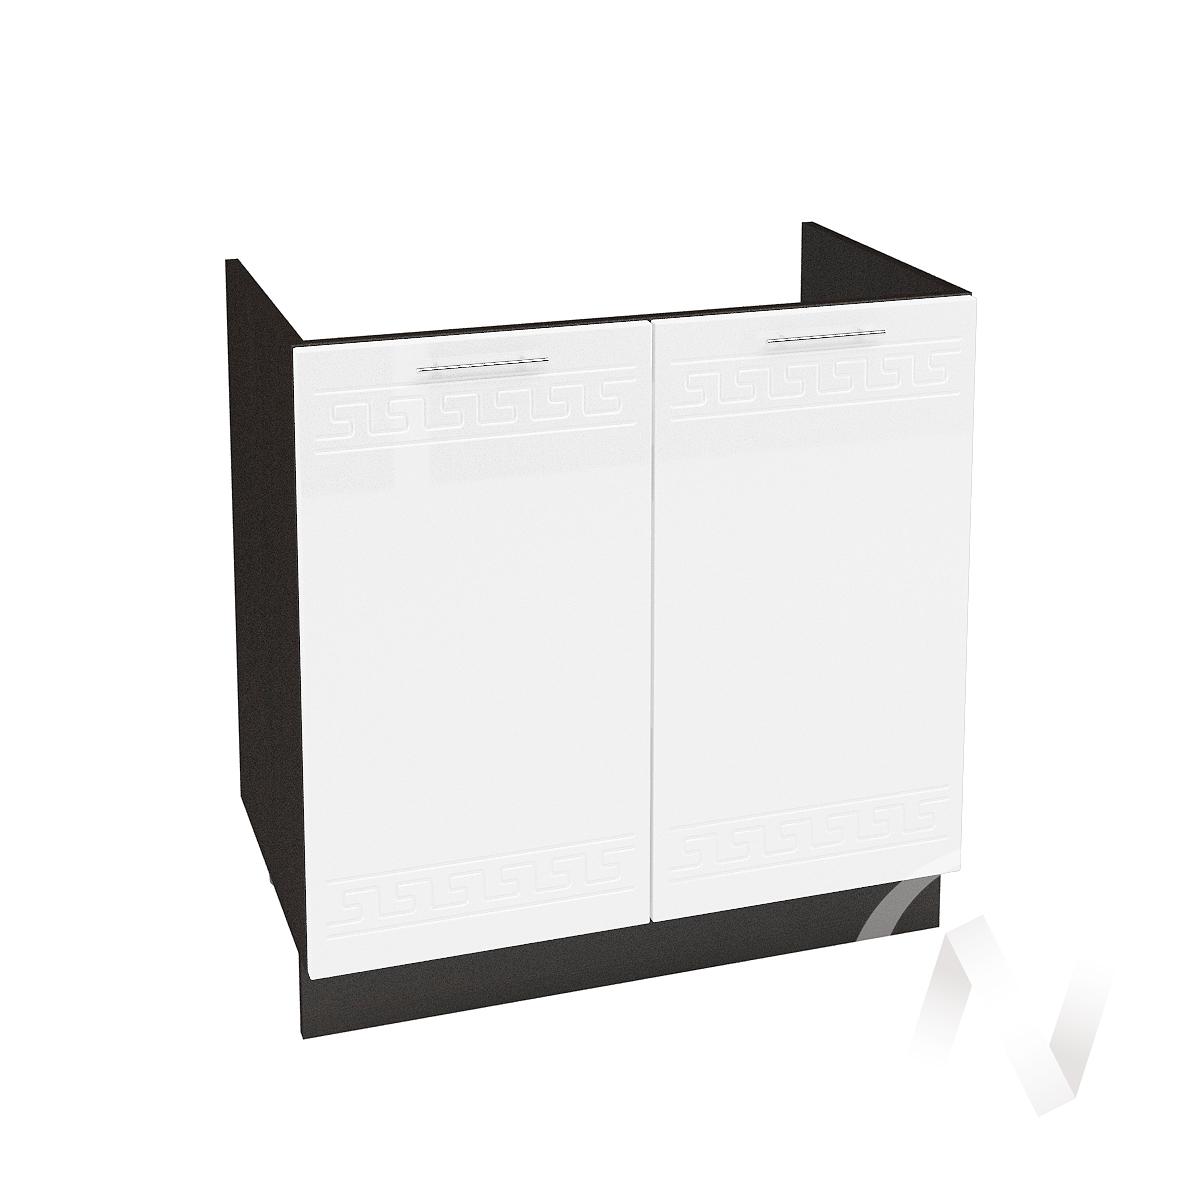 """Кухня """"Греция"""": Шкаф нижний под мойку 800, ШНМ 800 новый (белый металлик/корпус венге)"""